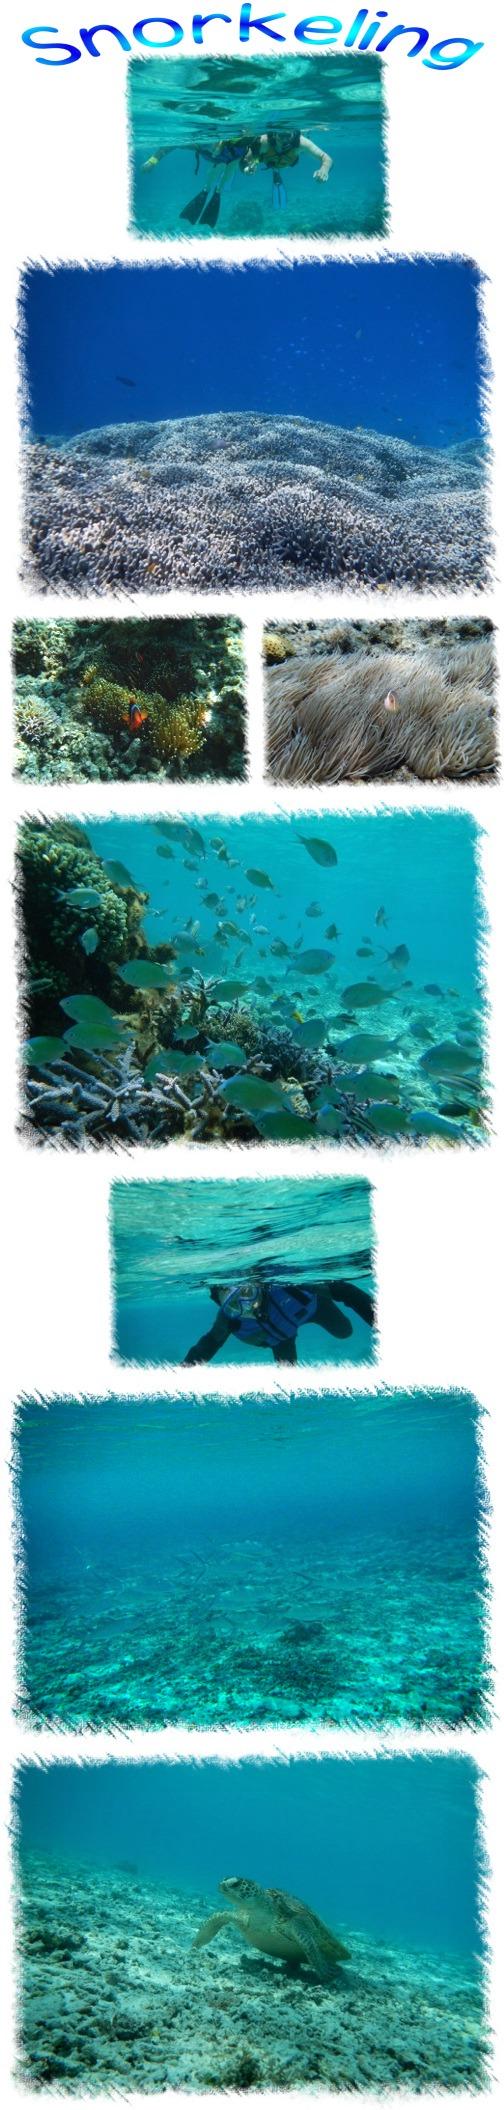 Snorkeling_201504152051568d3.jpg